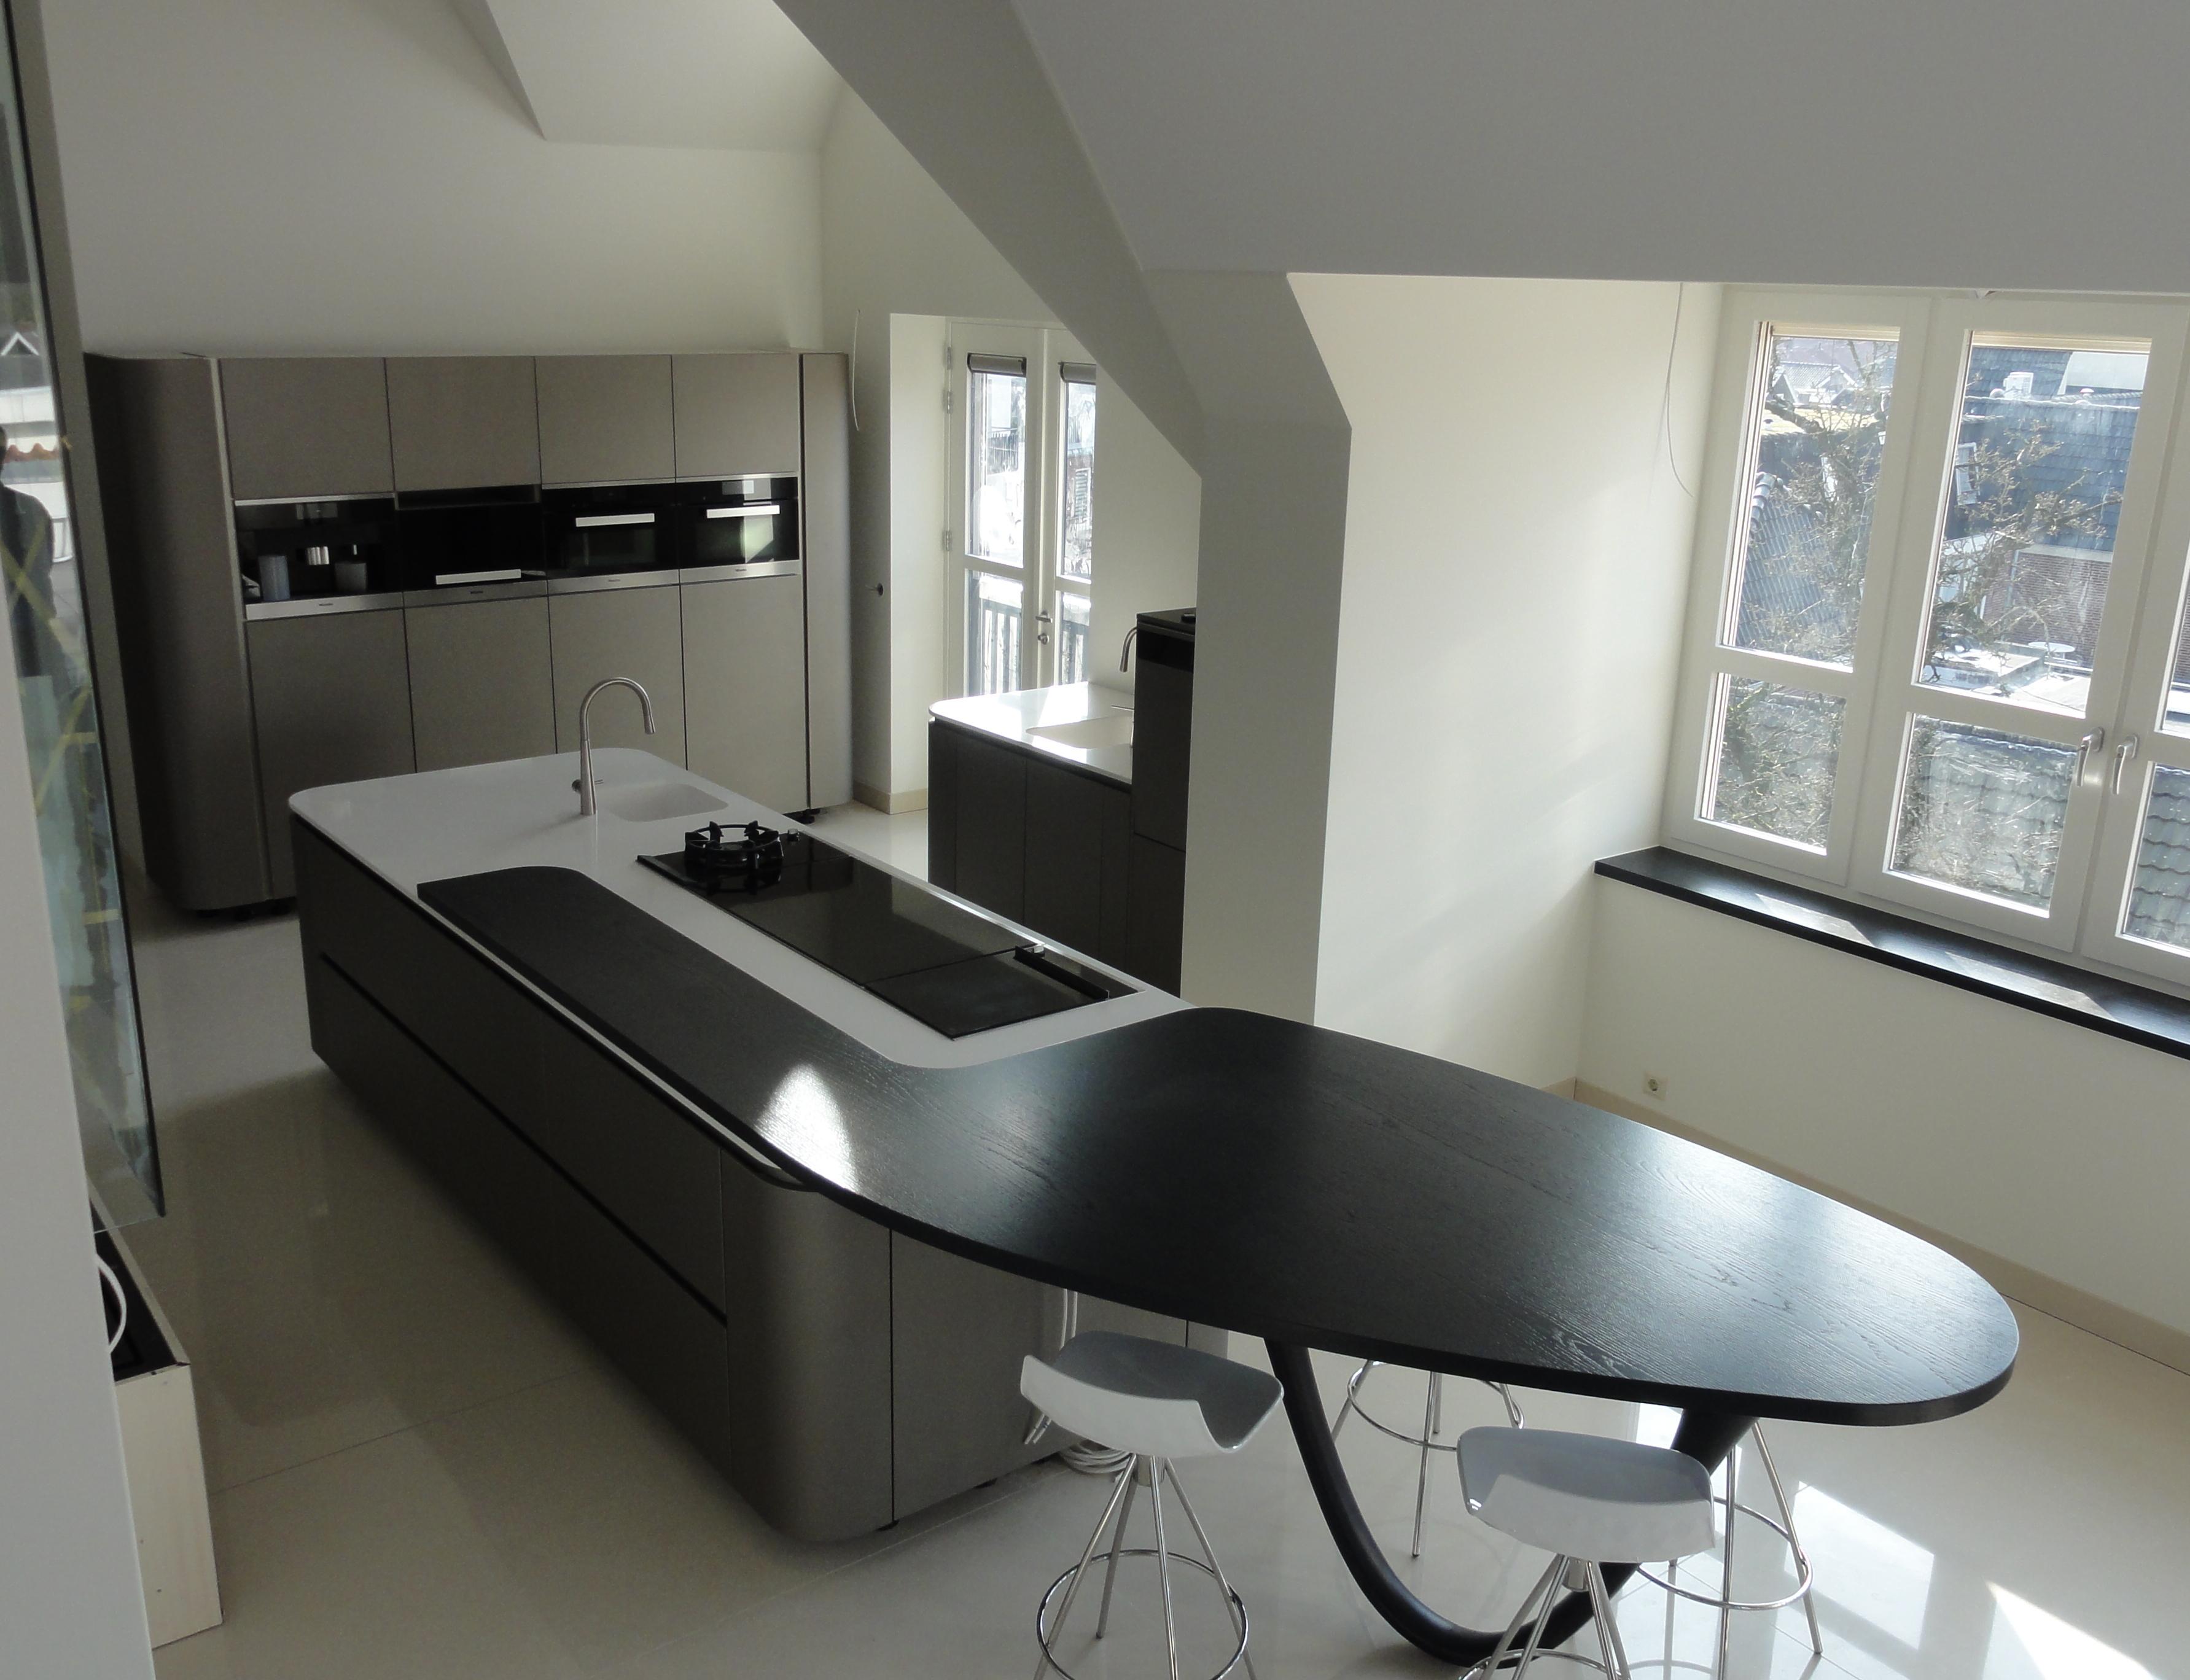 Design Keuken Gadgets : Design keuken gadgets beste inspiratie voor huis ontwerp